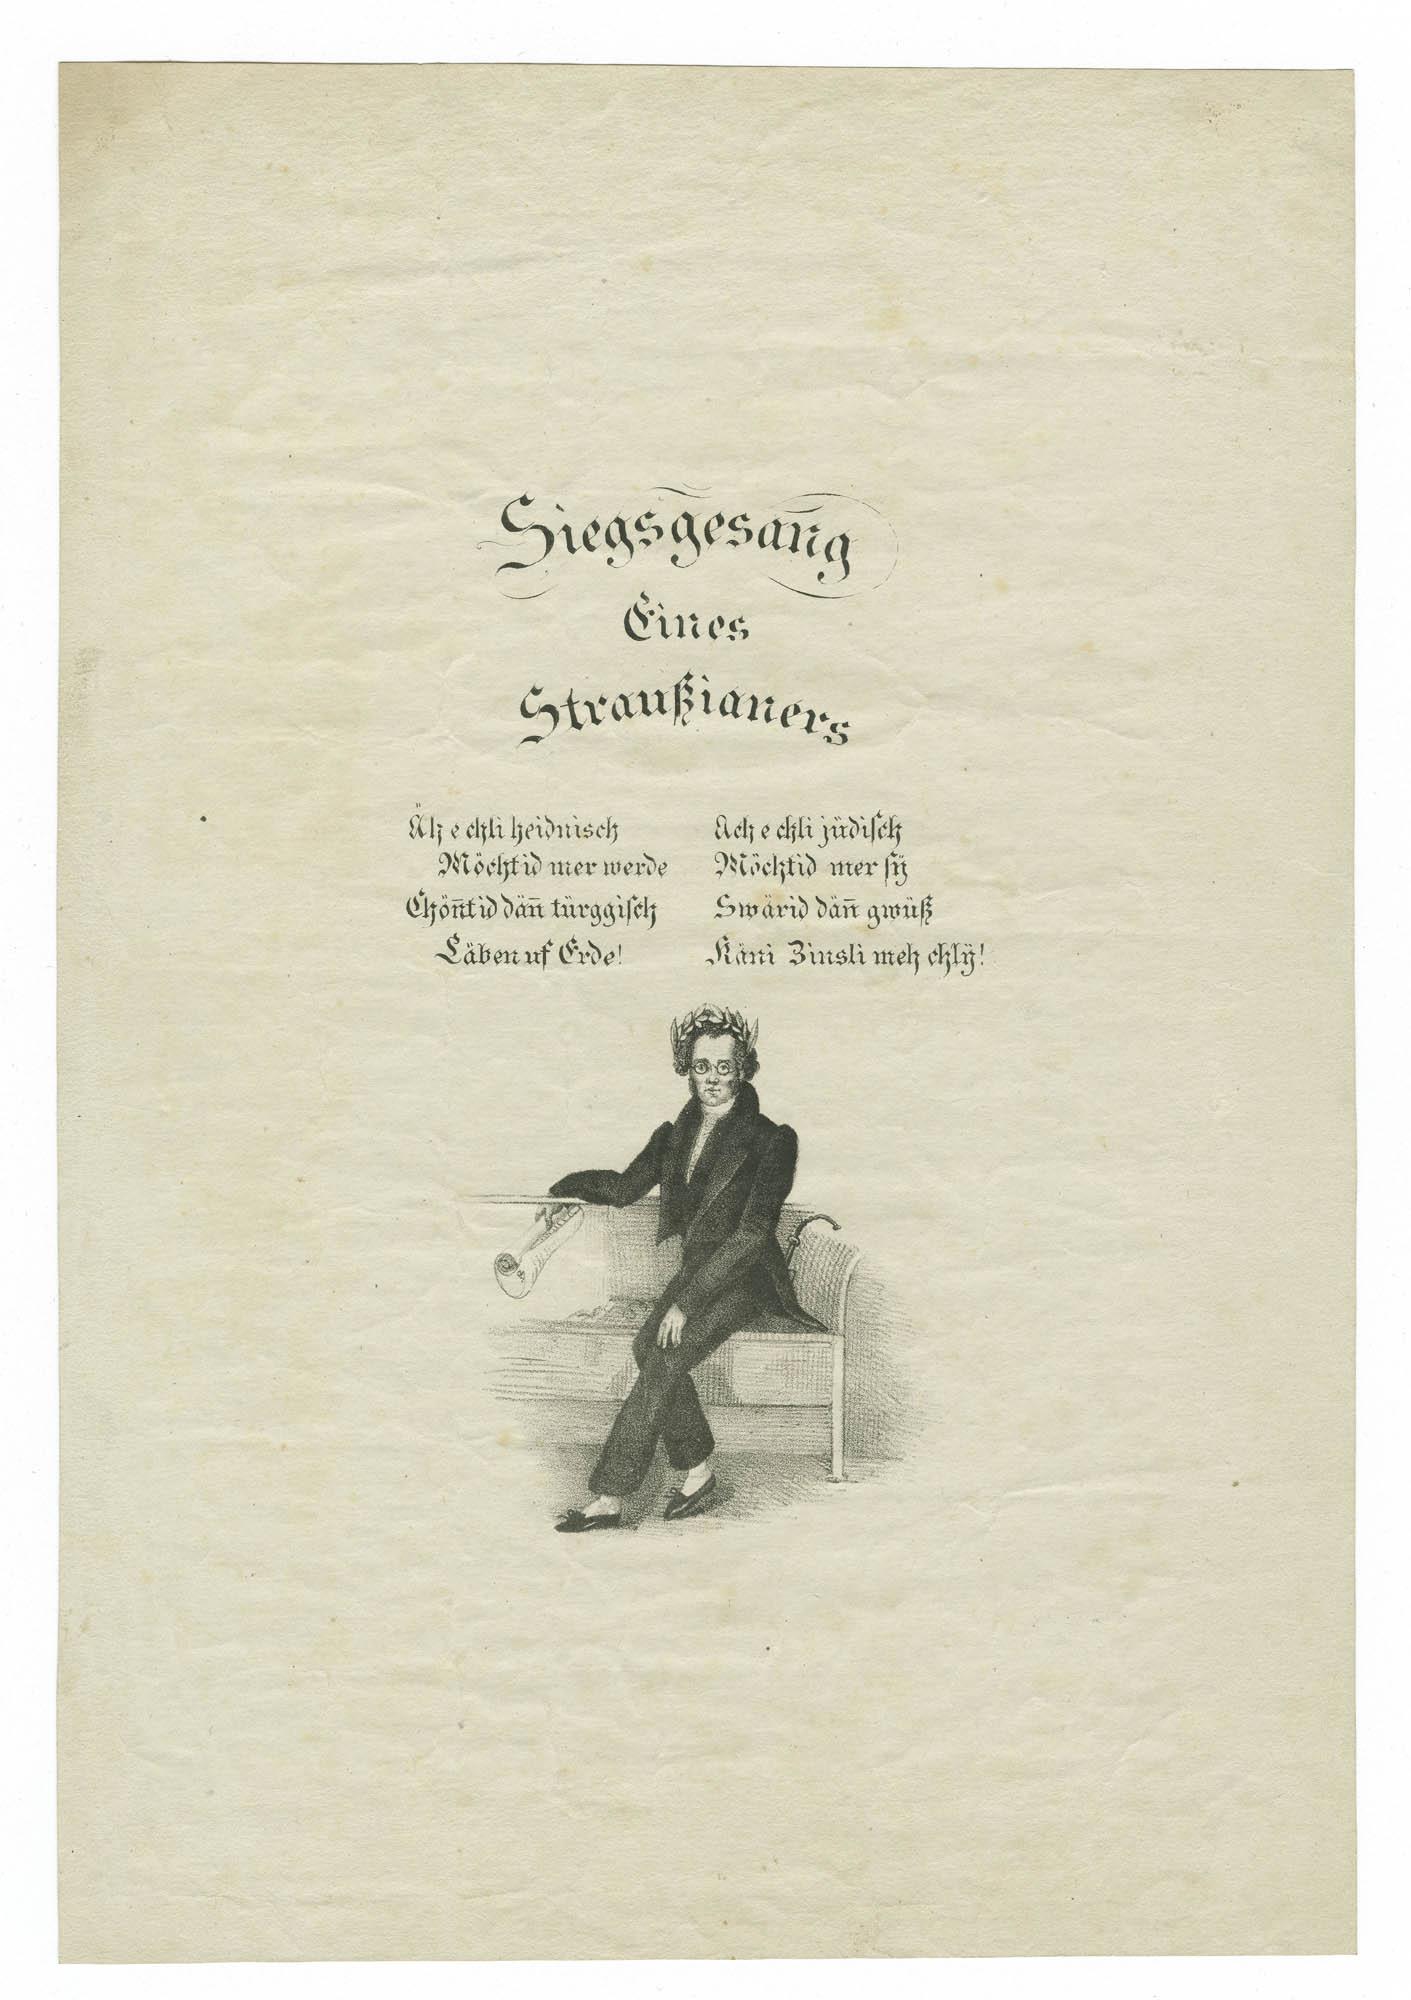 Siegsgesang eines Straussianers